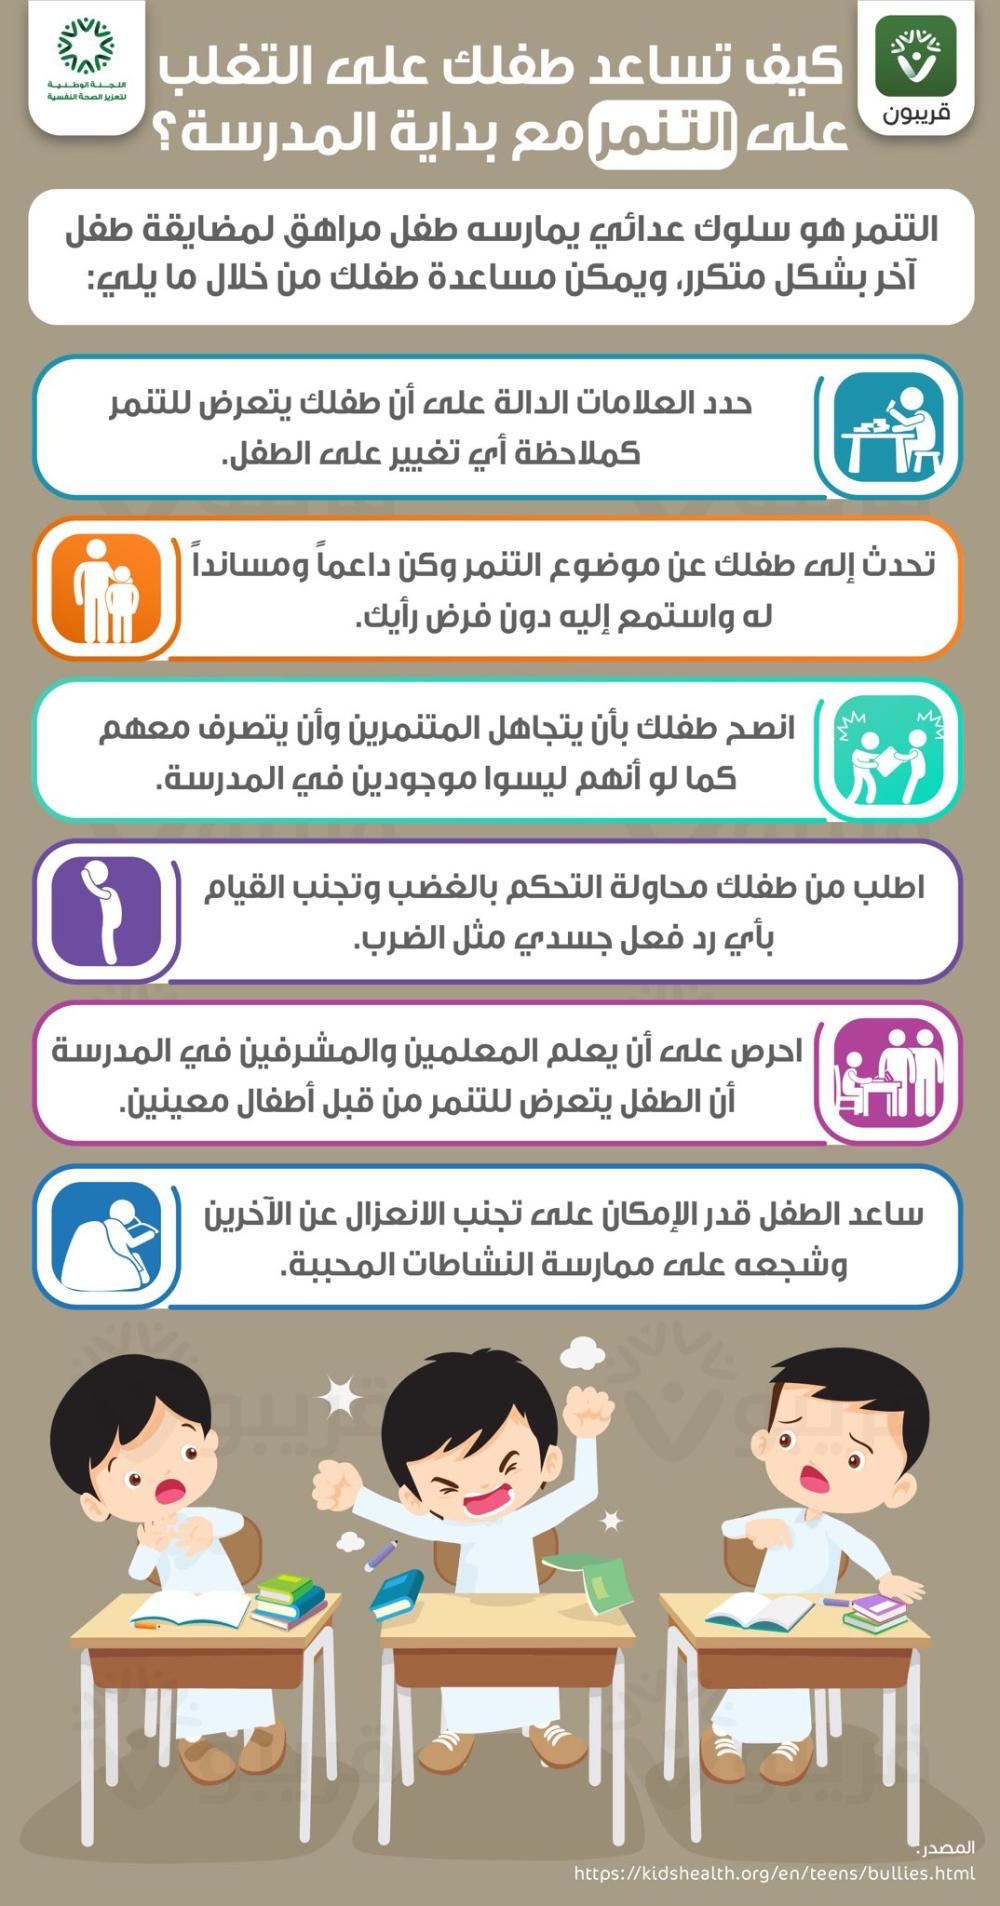 ملتقى الإرشاد الطلابي On Twitter Life Skills Baby Education Children And Family